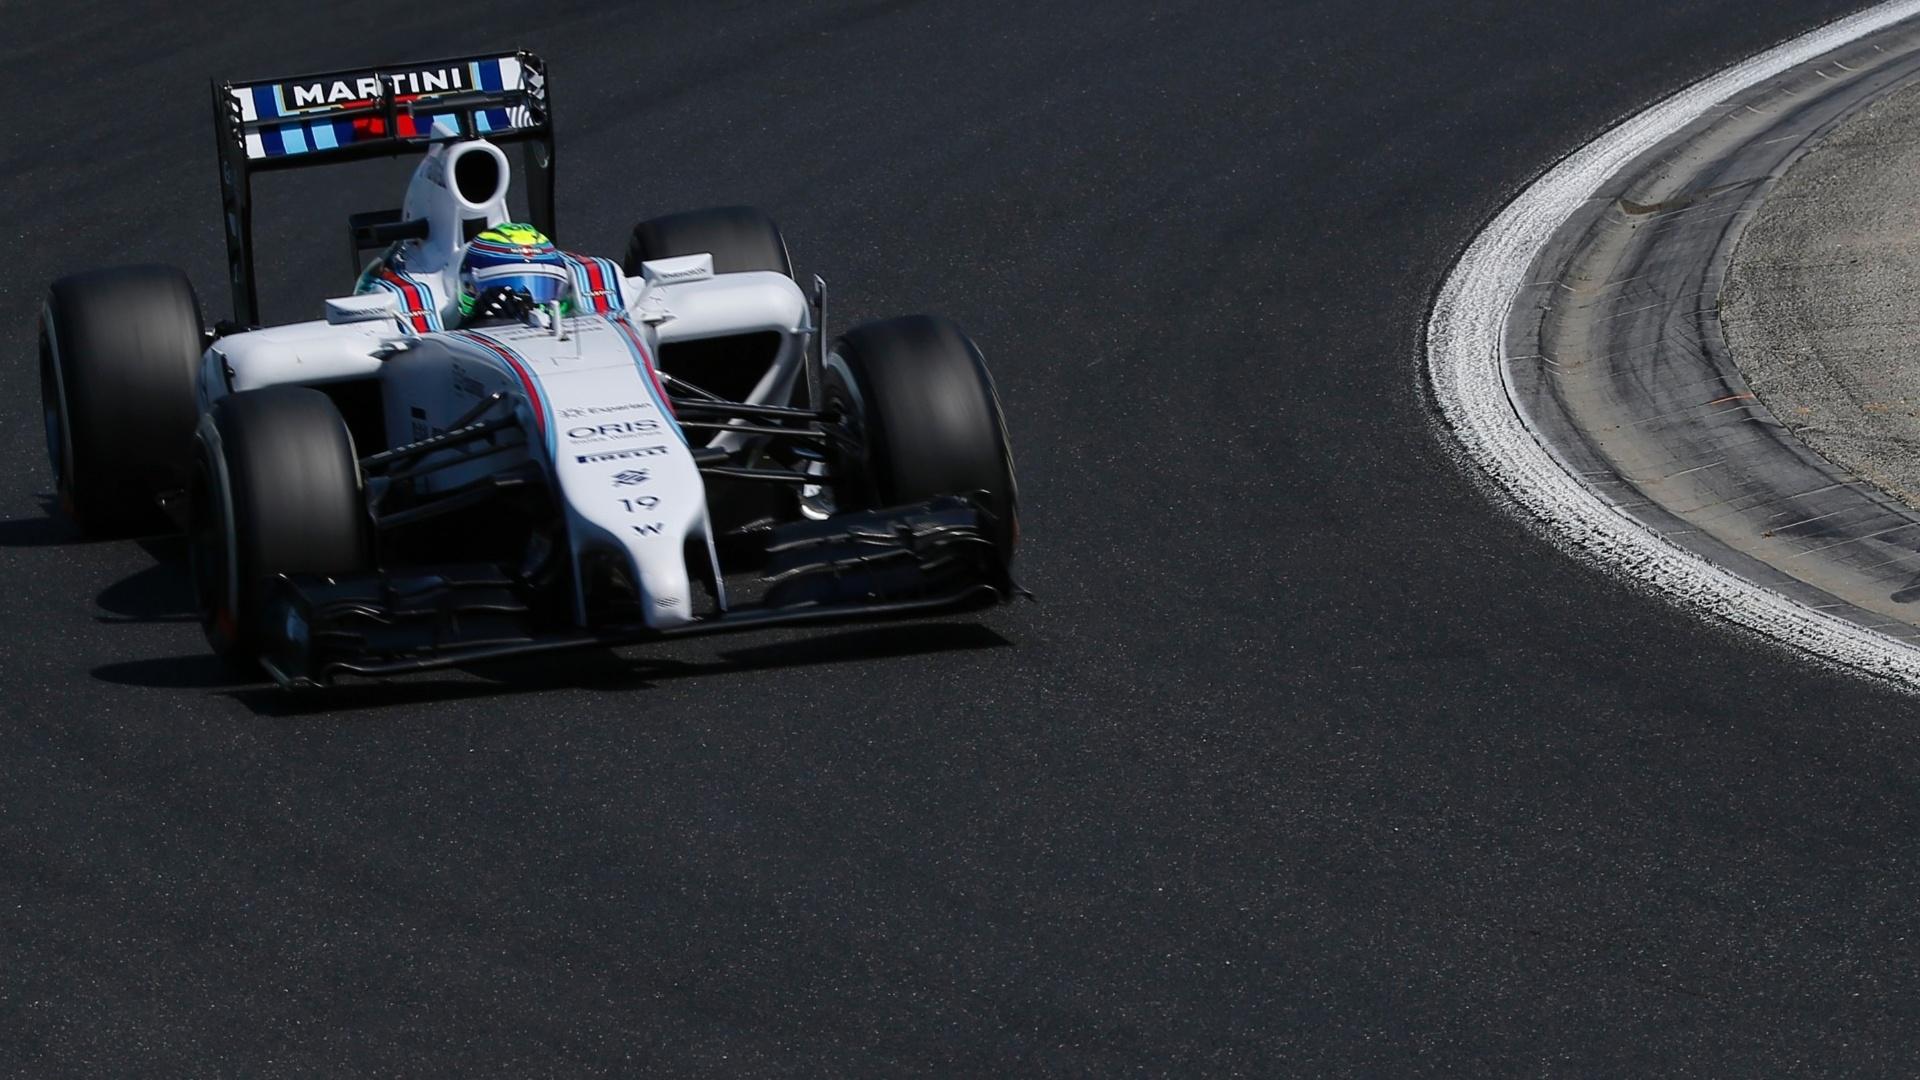 25.jul.2014 - Felipe Massa participa do treino livre para o GP da Hungria, no circuito de Hungaroring, em Budapeste